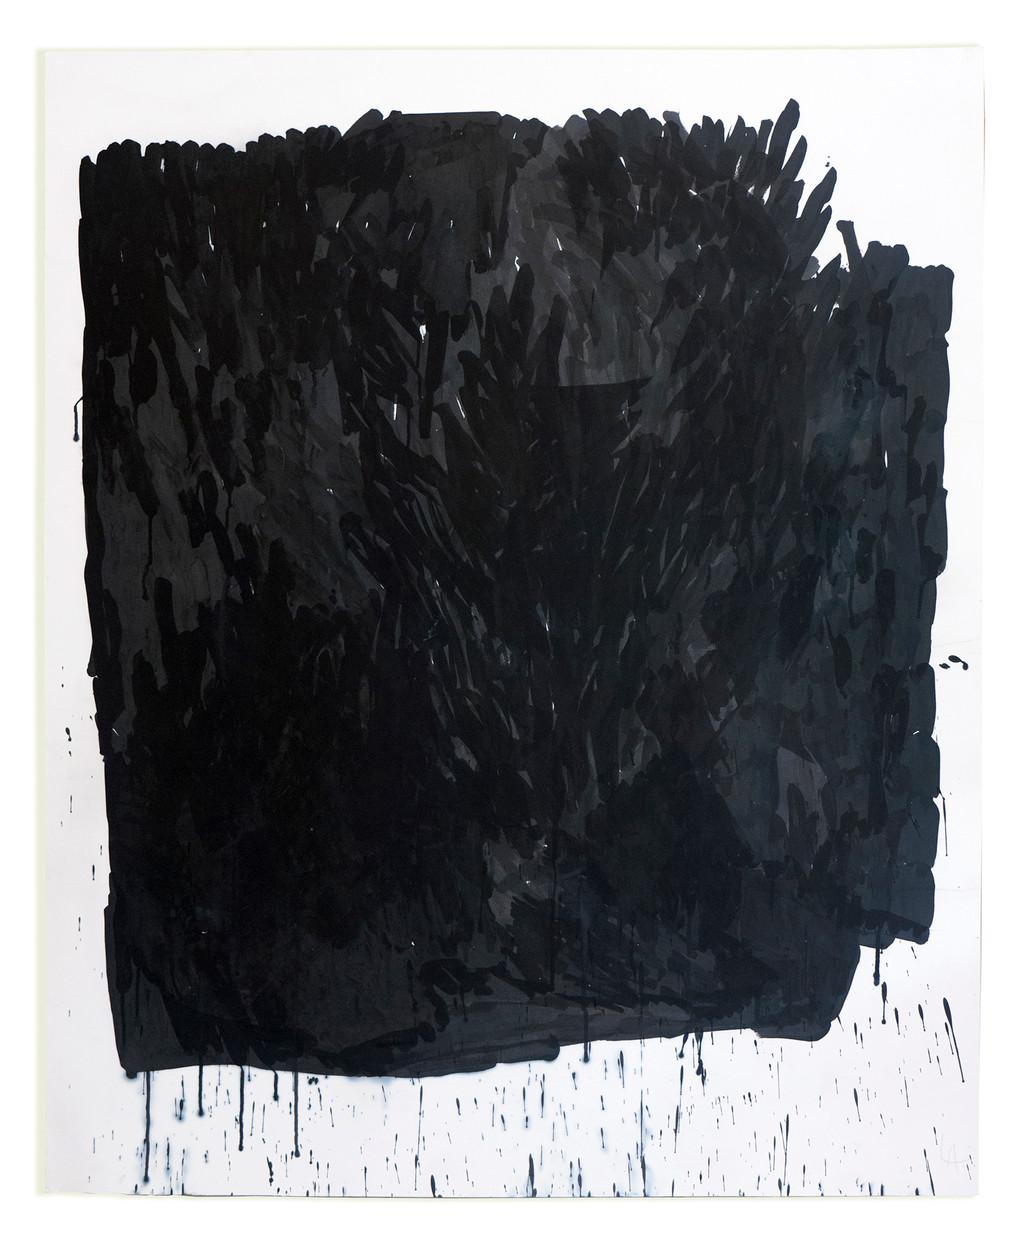 sem título 2015 nanquin sobre papel algodão 150x135cm